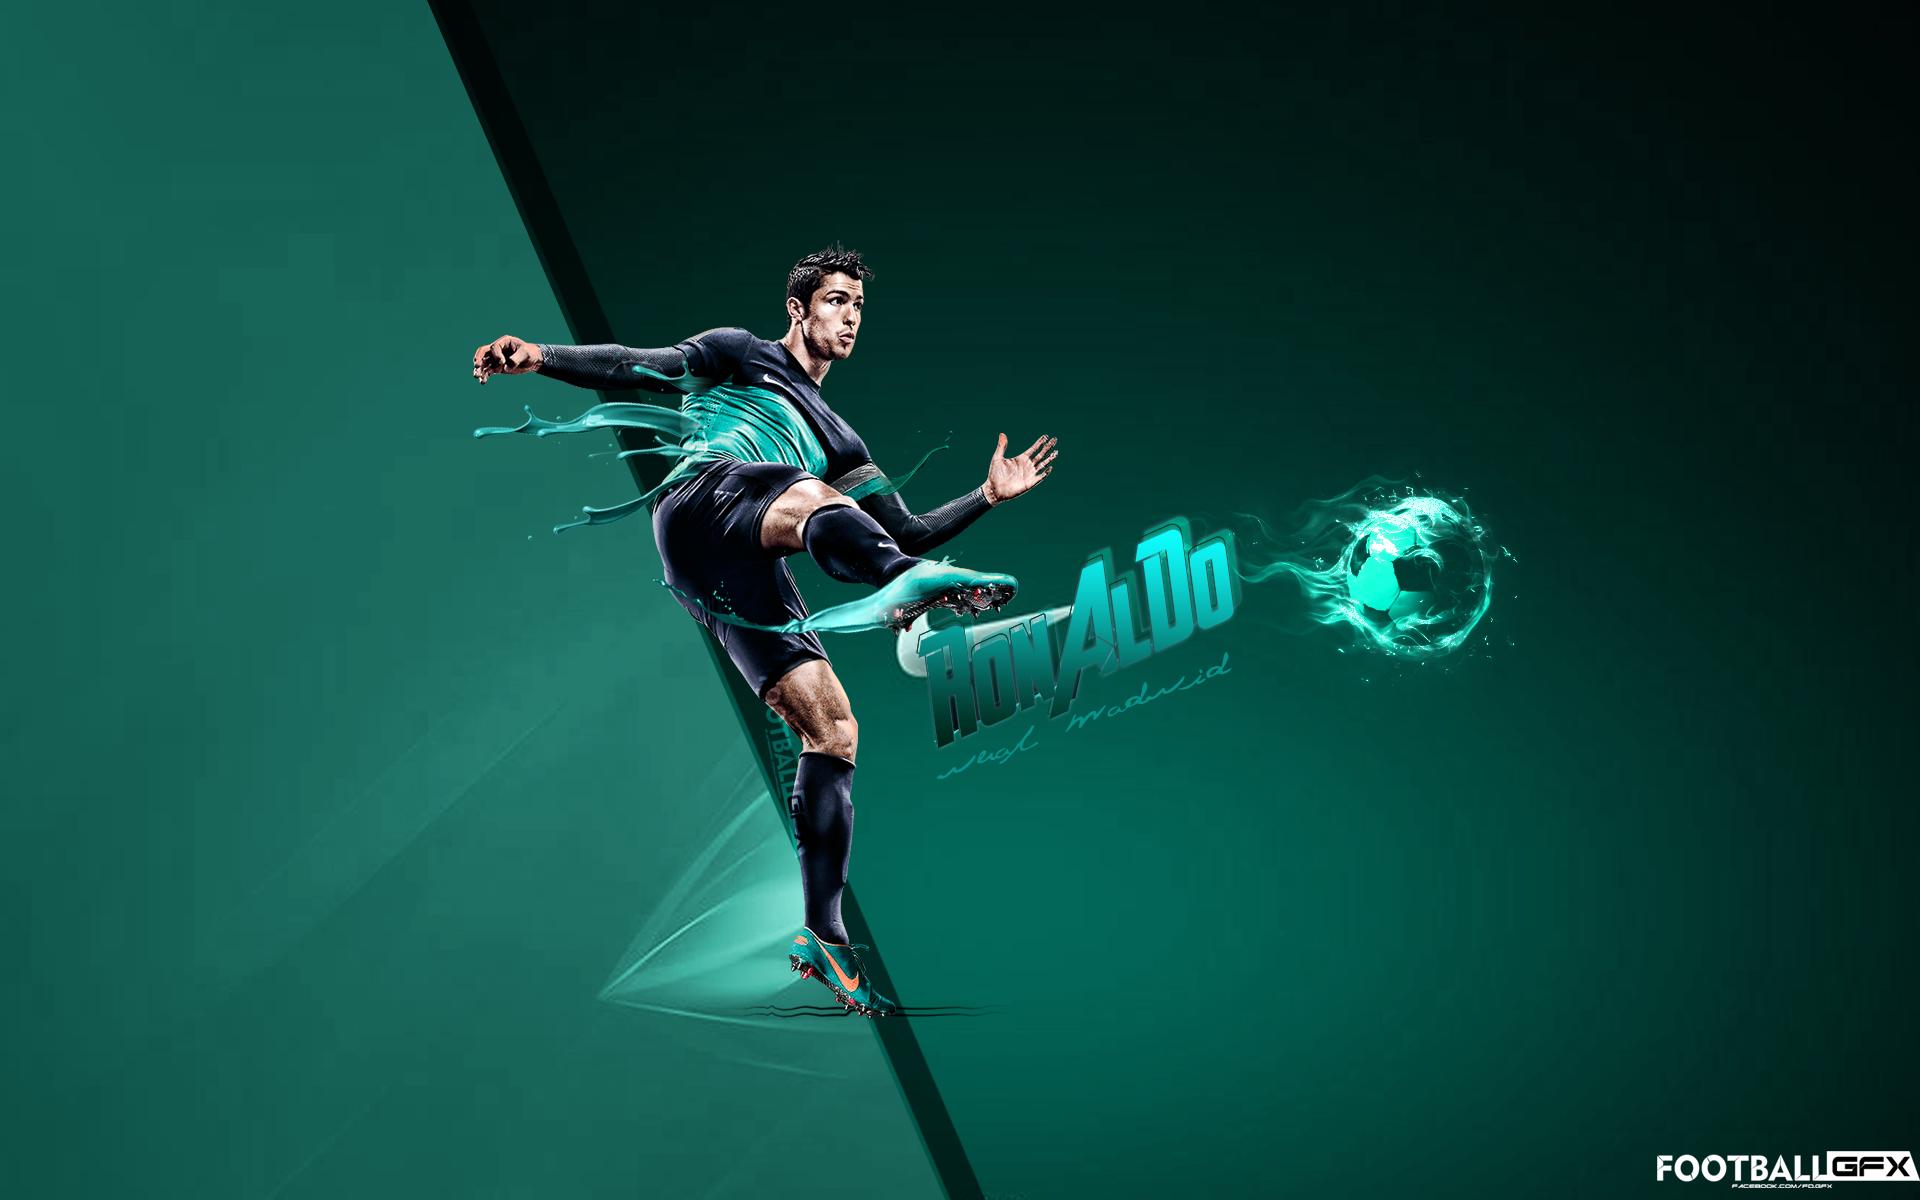 Dispersión hogar Pacífico  Cristiano Ronaldo Nike Poster